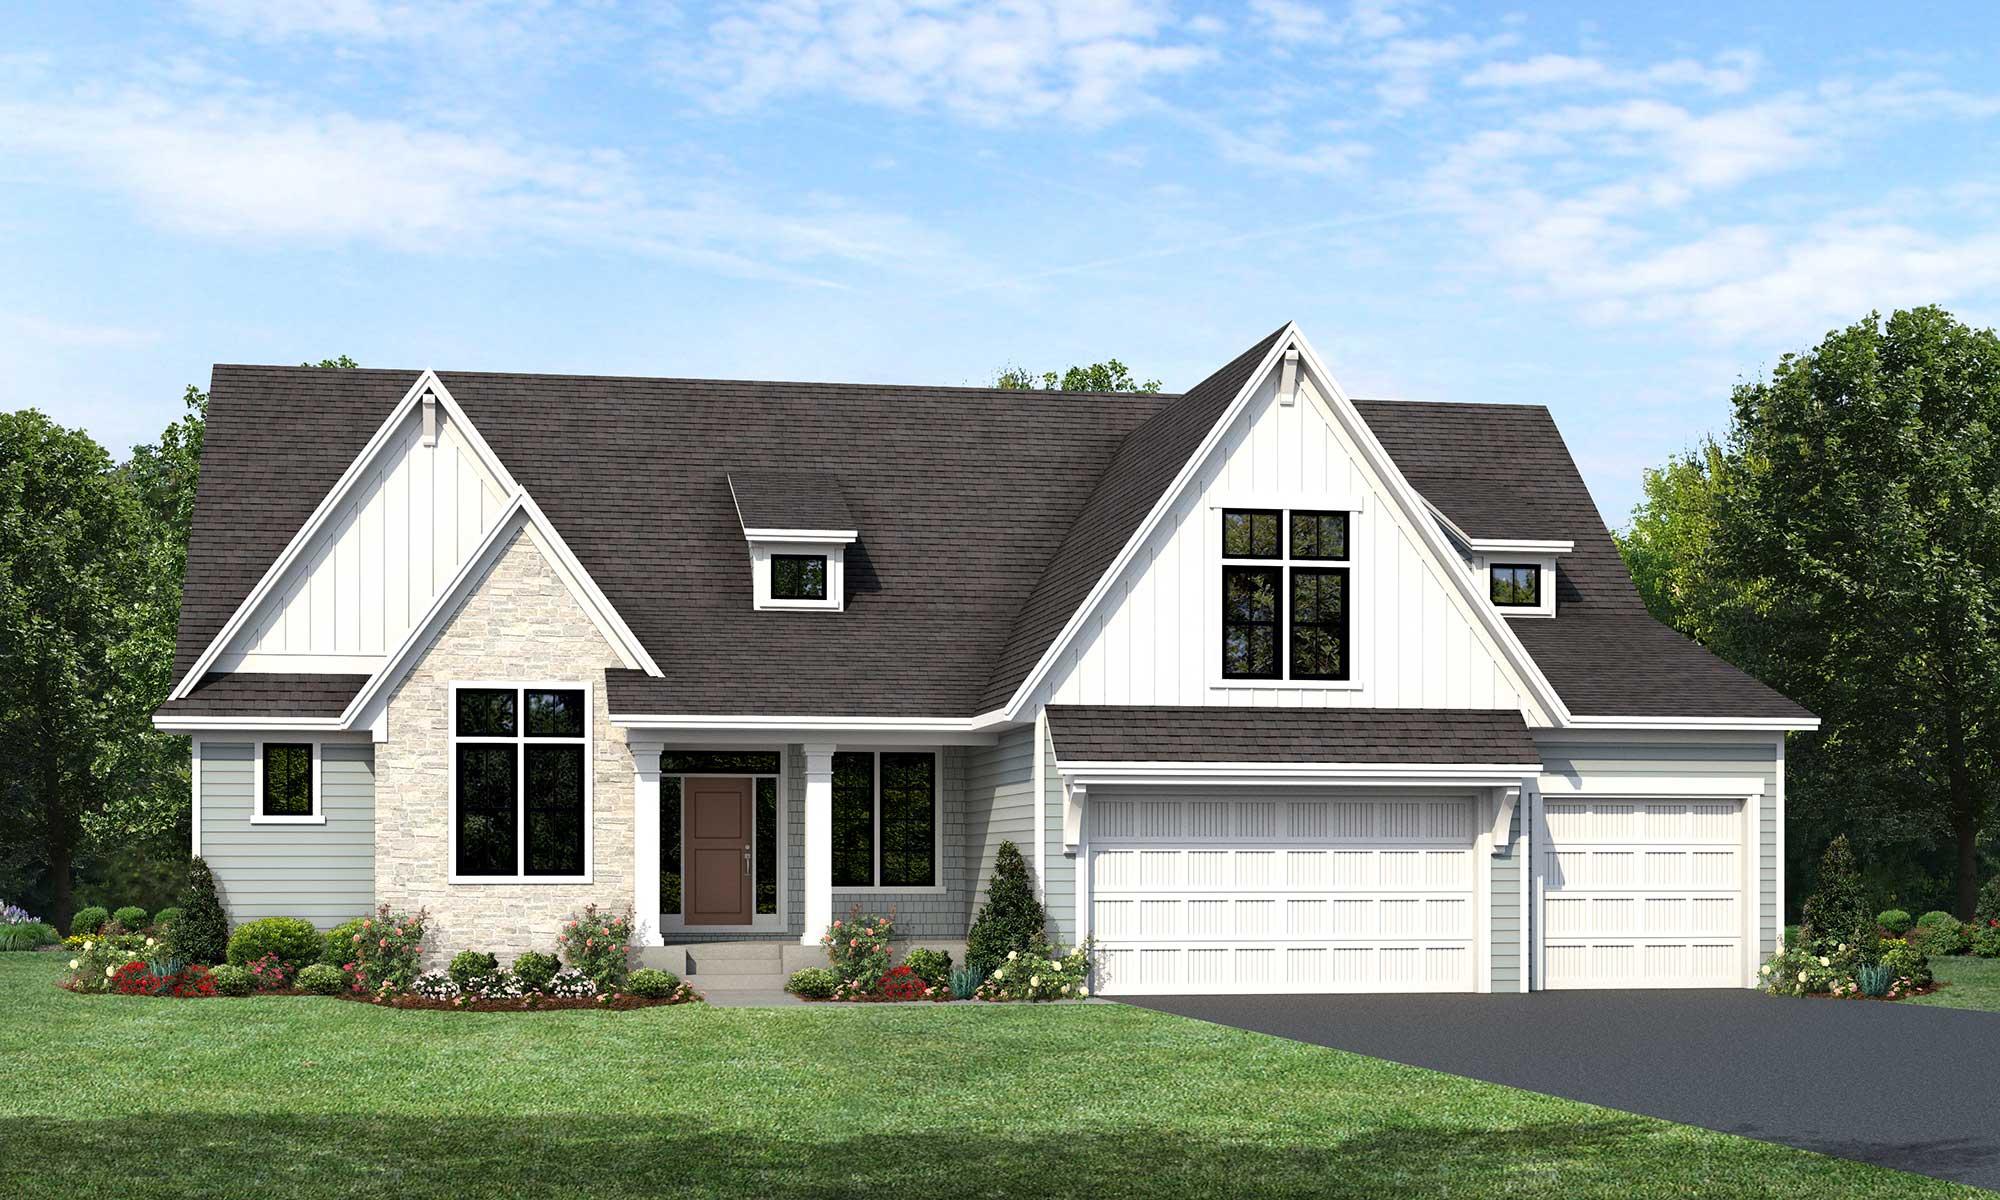 Mississippi home plan Elevation E rendering